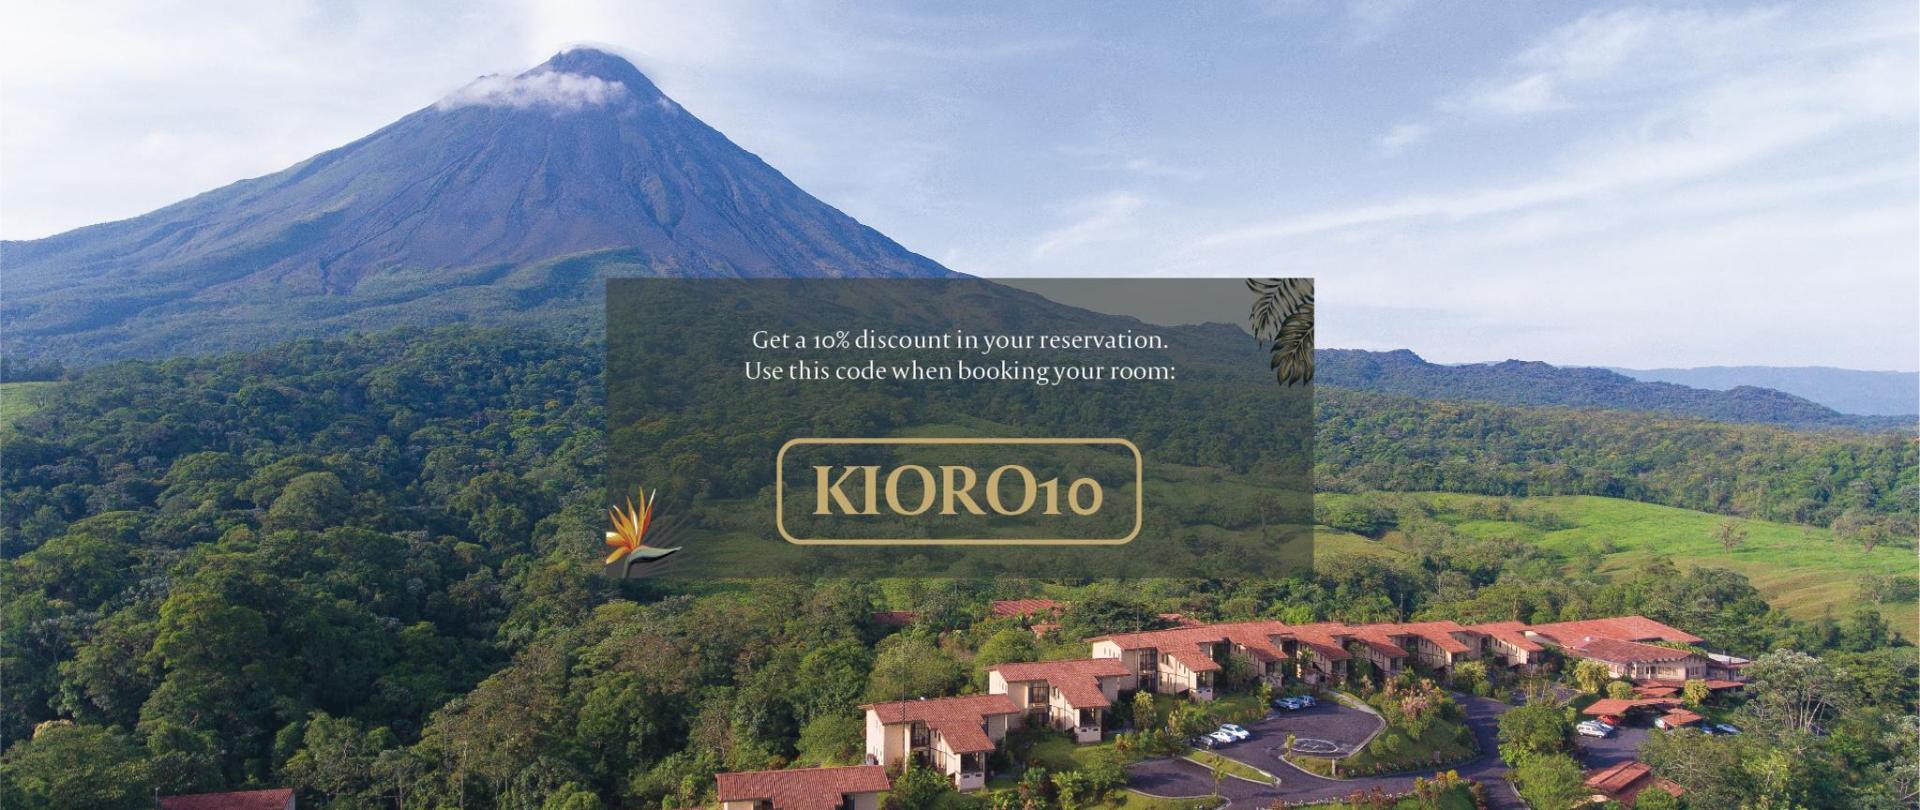 Kioro-Fotos Web-03.jpg